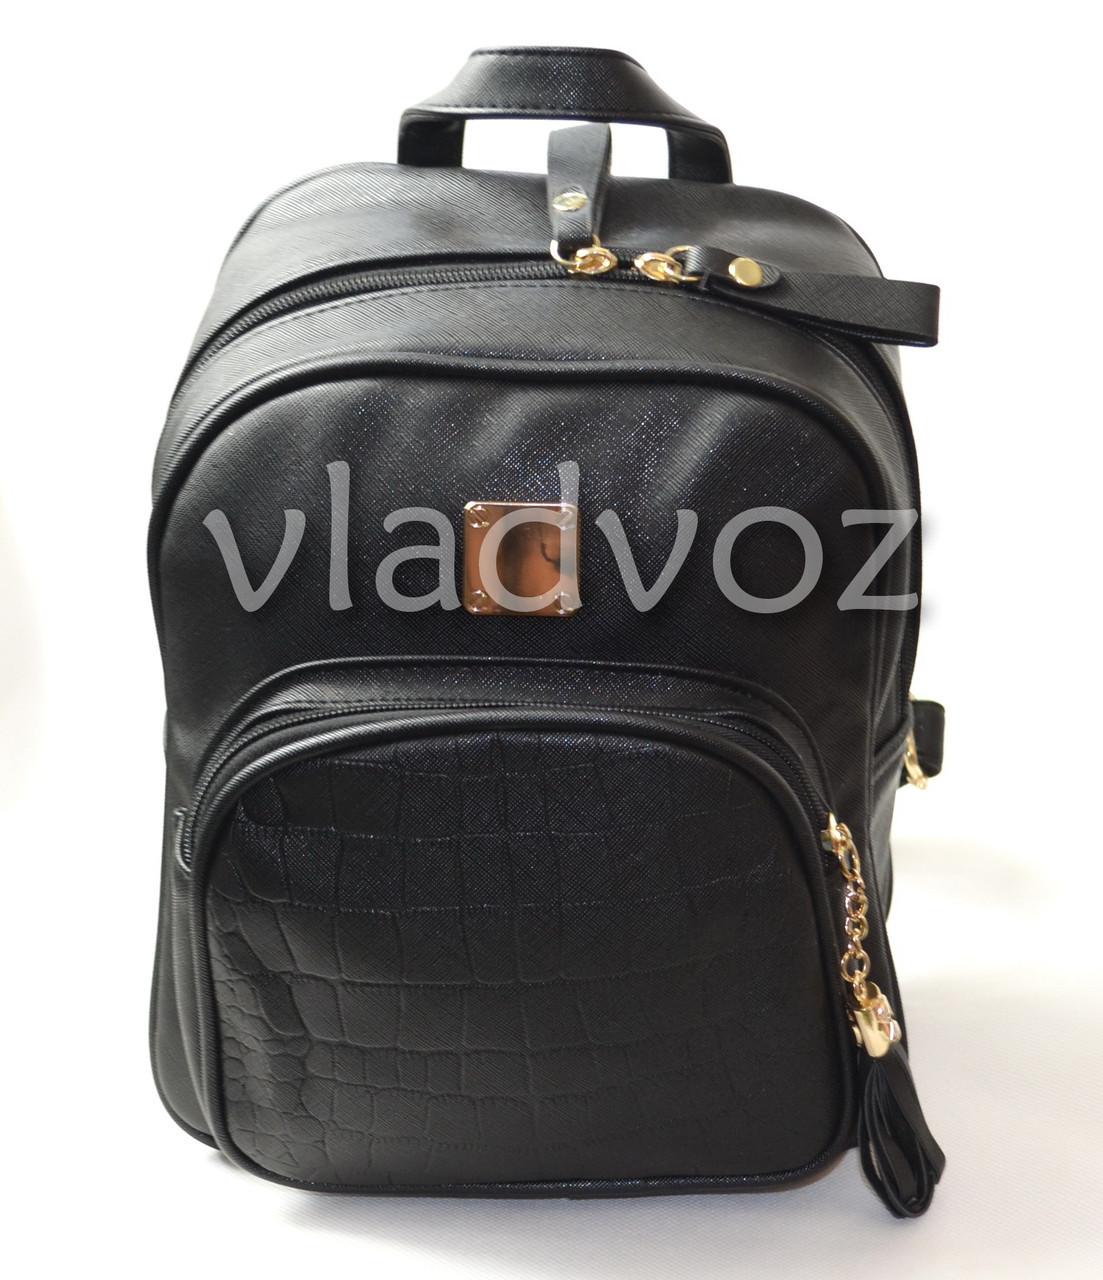 7394ae2ed239 Городской женский молодежный модный стильный рюкзак сумка черный -  интернет-магазин vladvozsklad киевстар 0681044912,